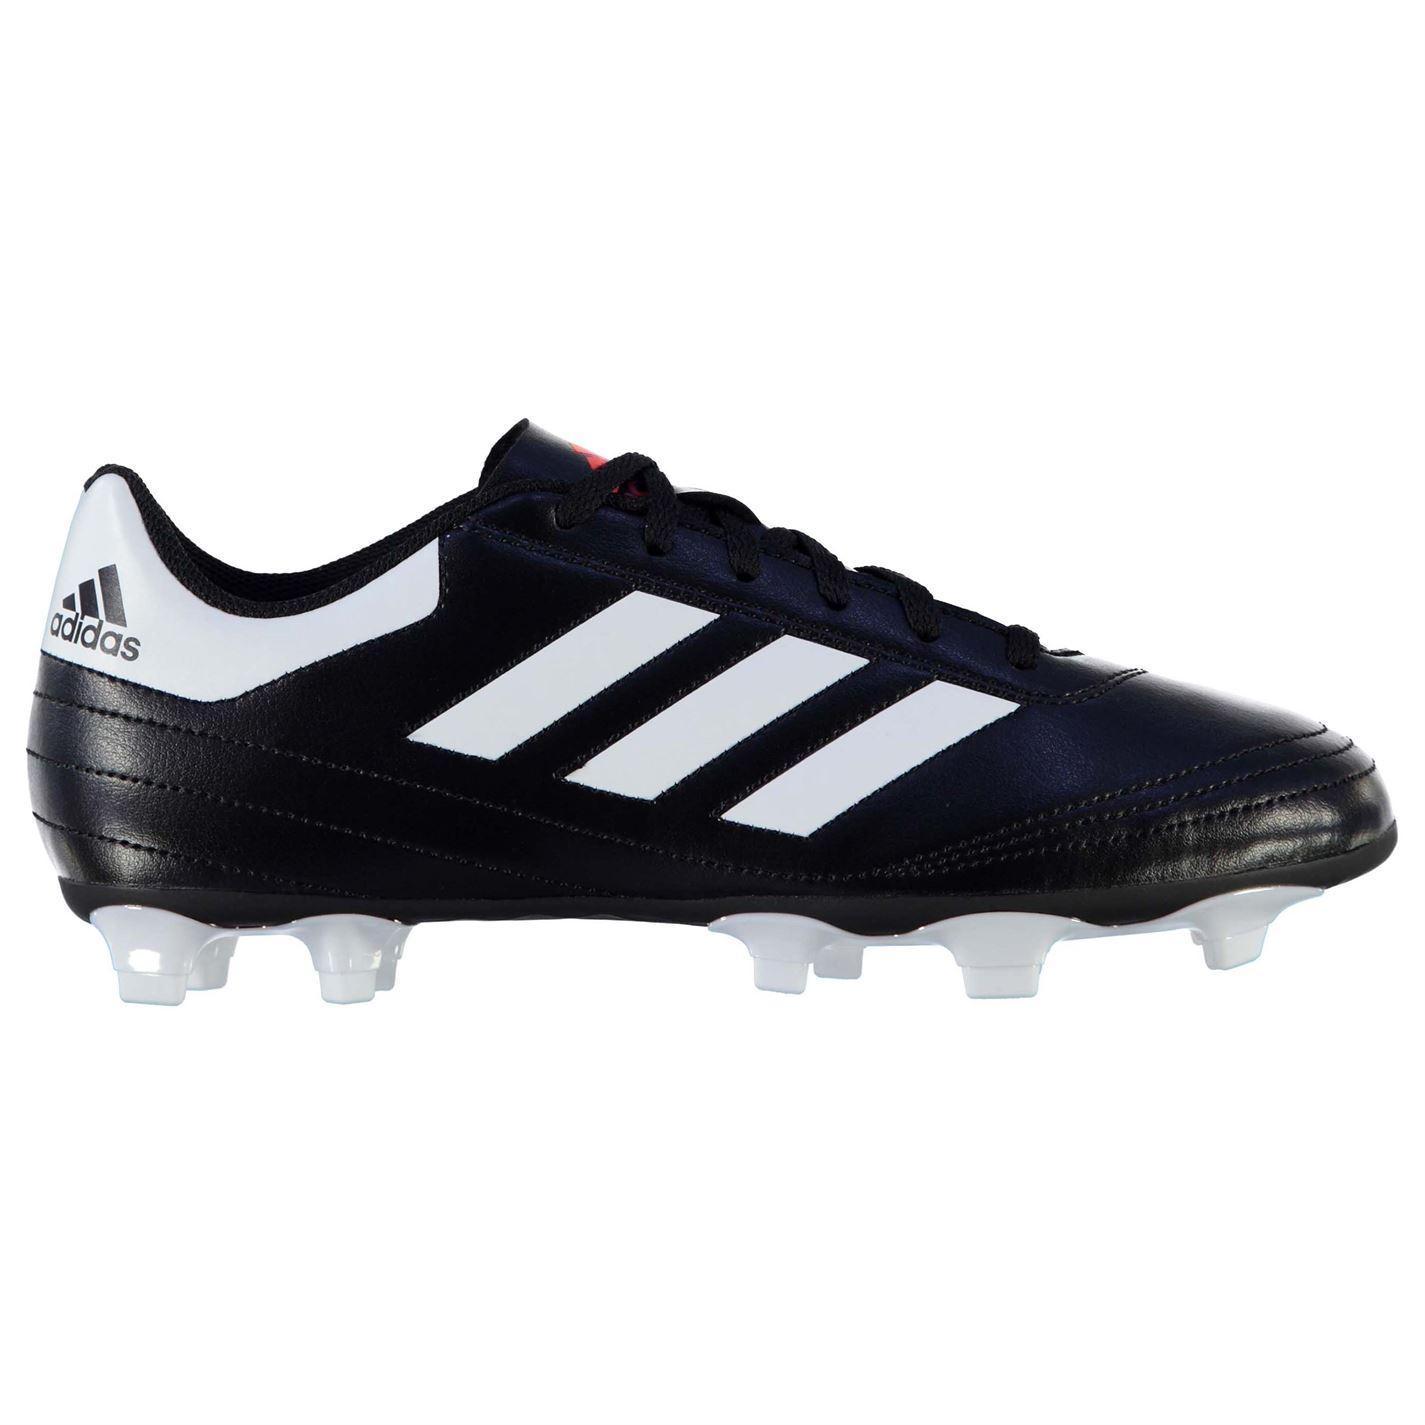 Dettagli su Adidas Goletto Fg Firm Scarpe da Calcio Uomo NeroBianco Calcio Tacchetti Scarpe